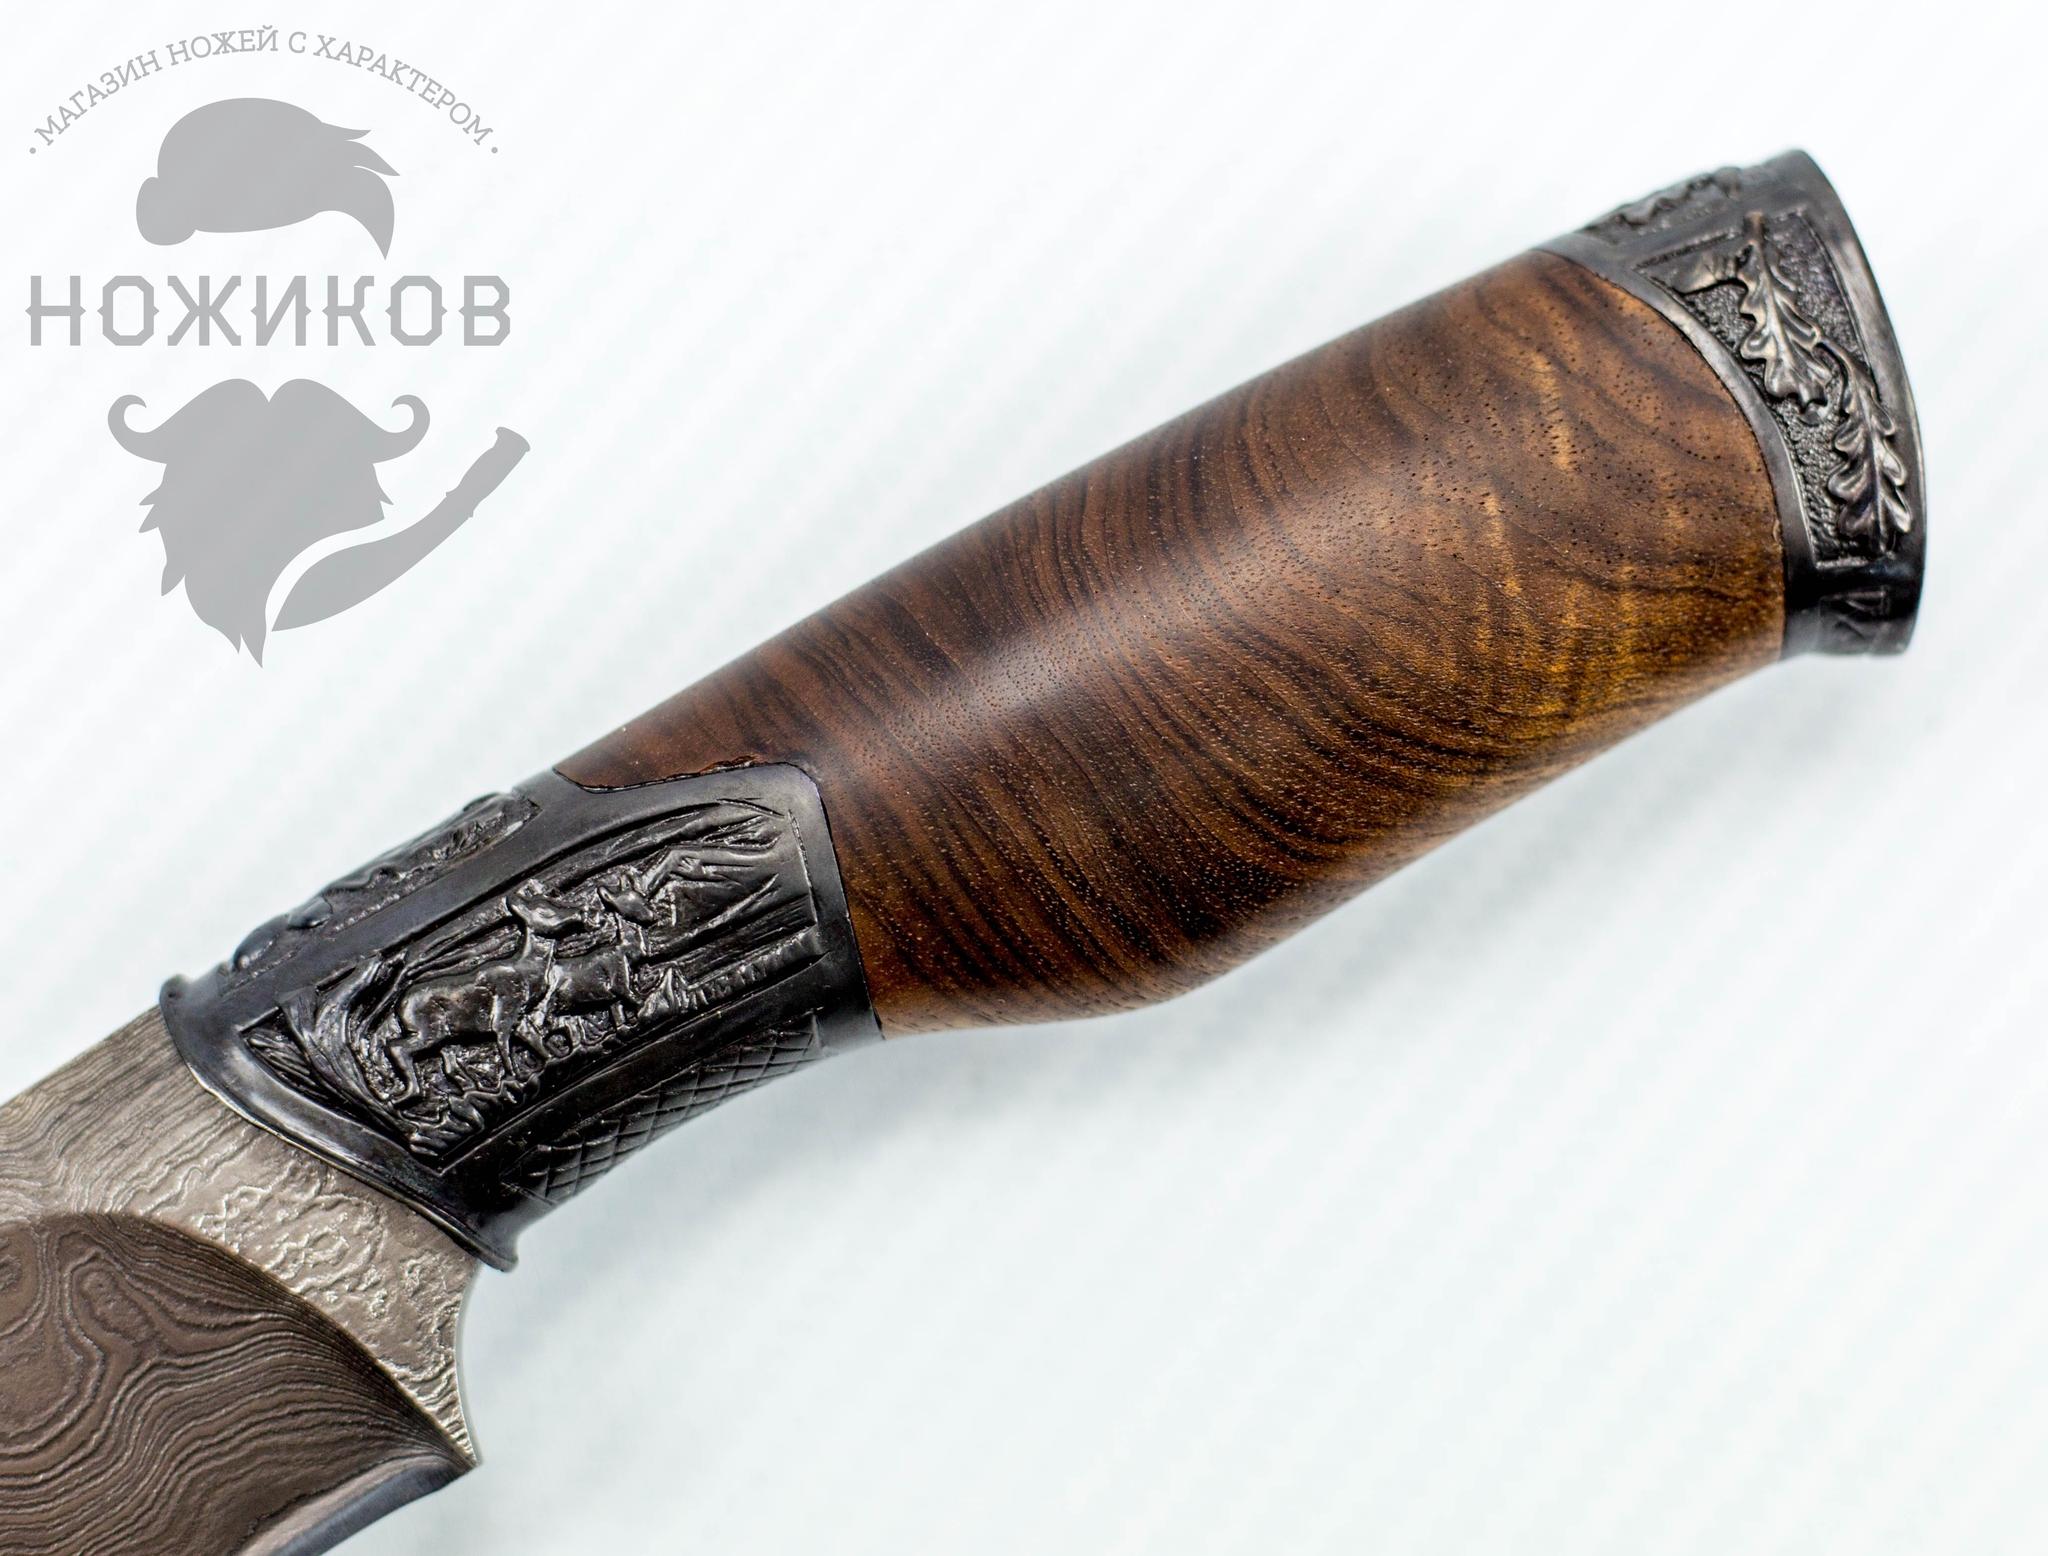 Фото 8 - Авторский Нож из Дамаска №85, Кизляр от Noname